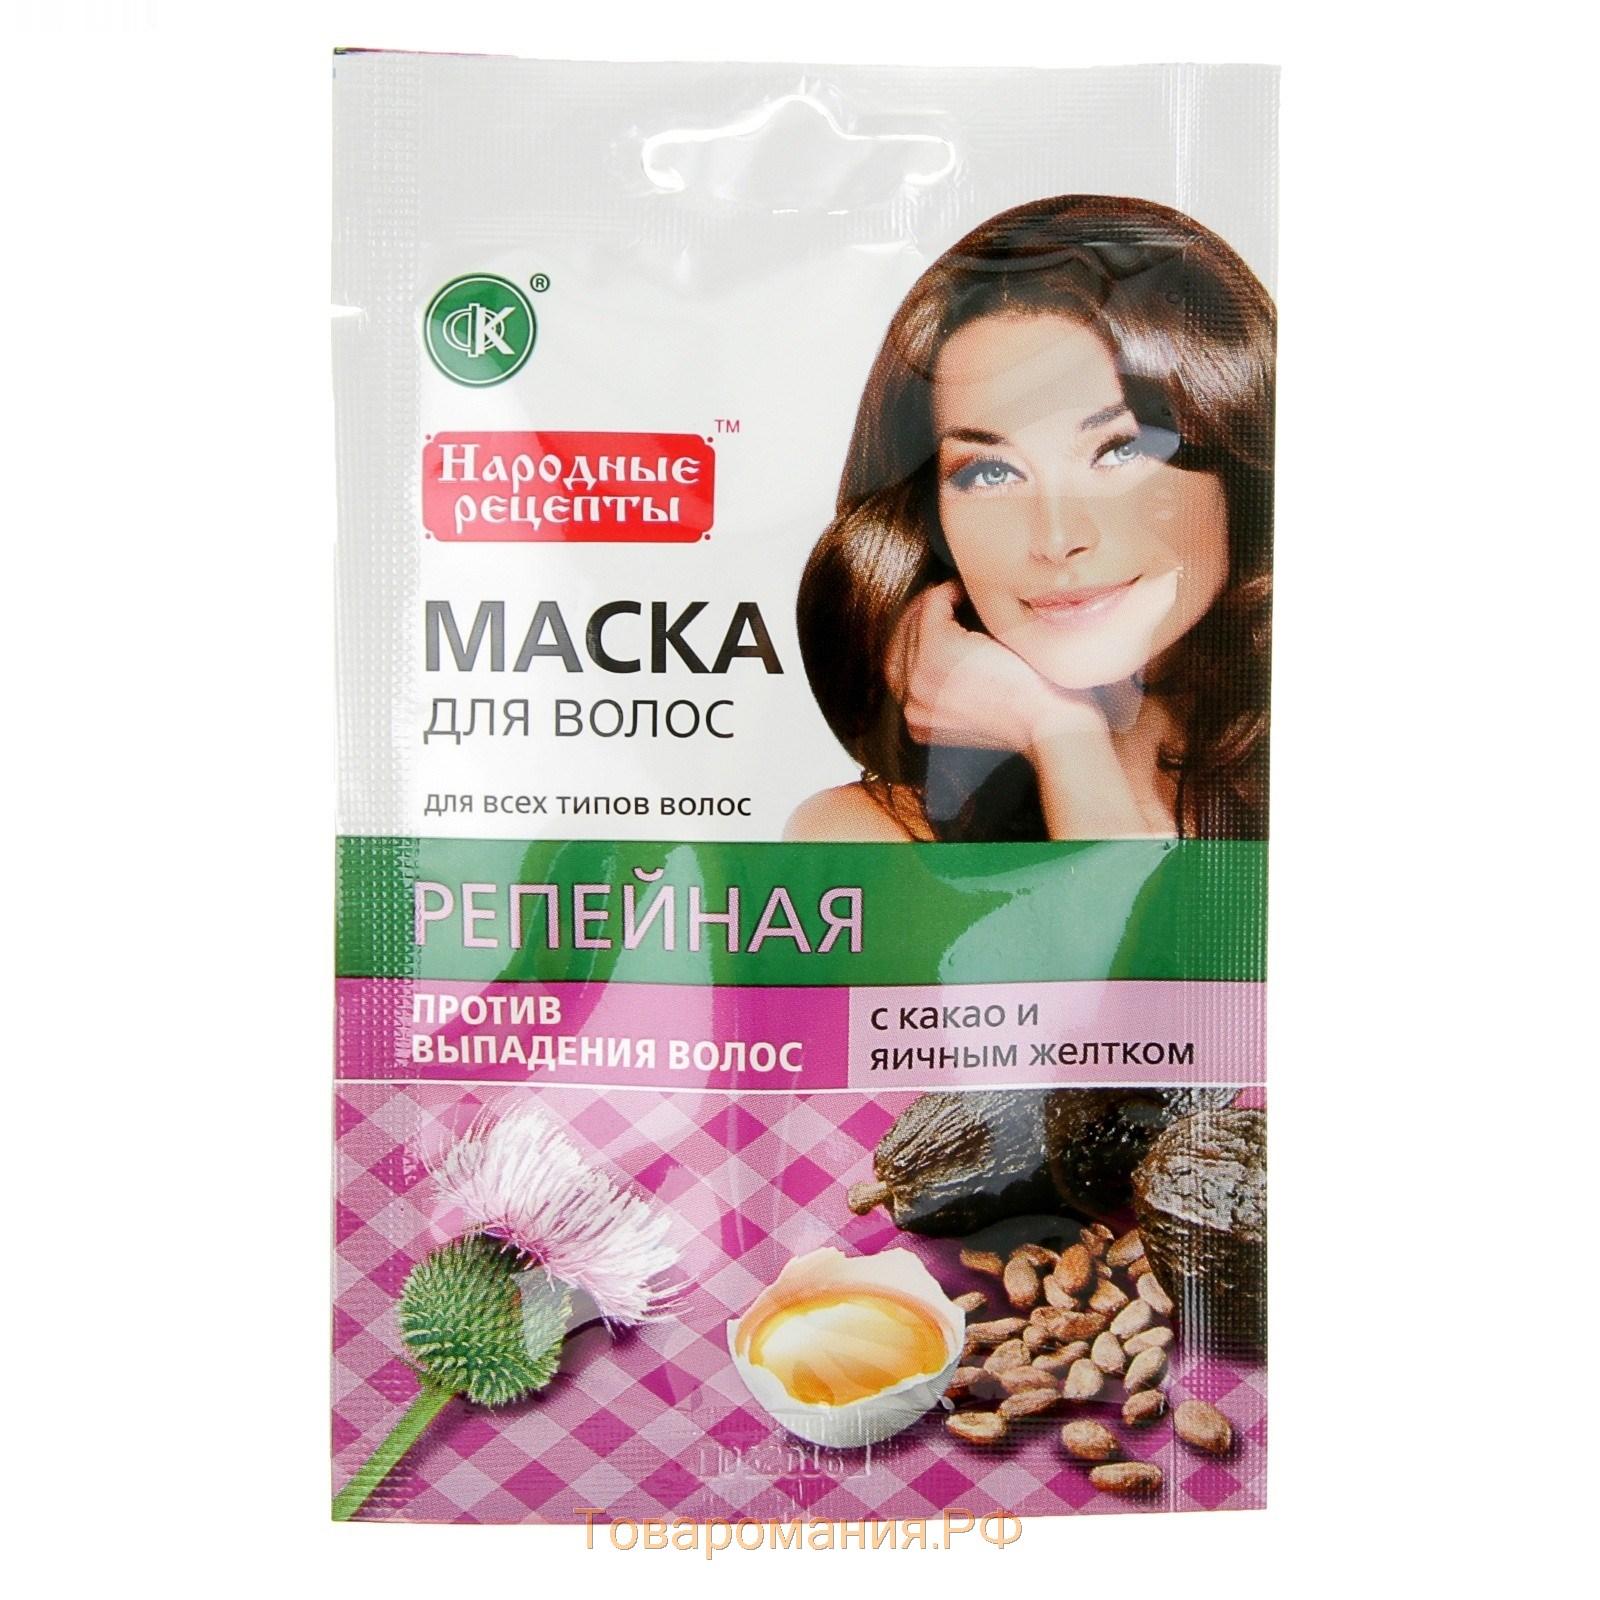 Маска для волос с репейным маслом и какао отзывы